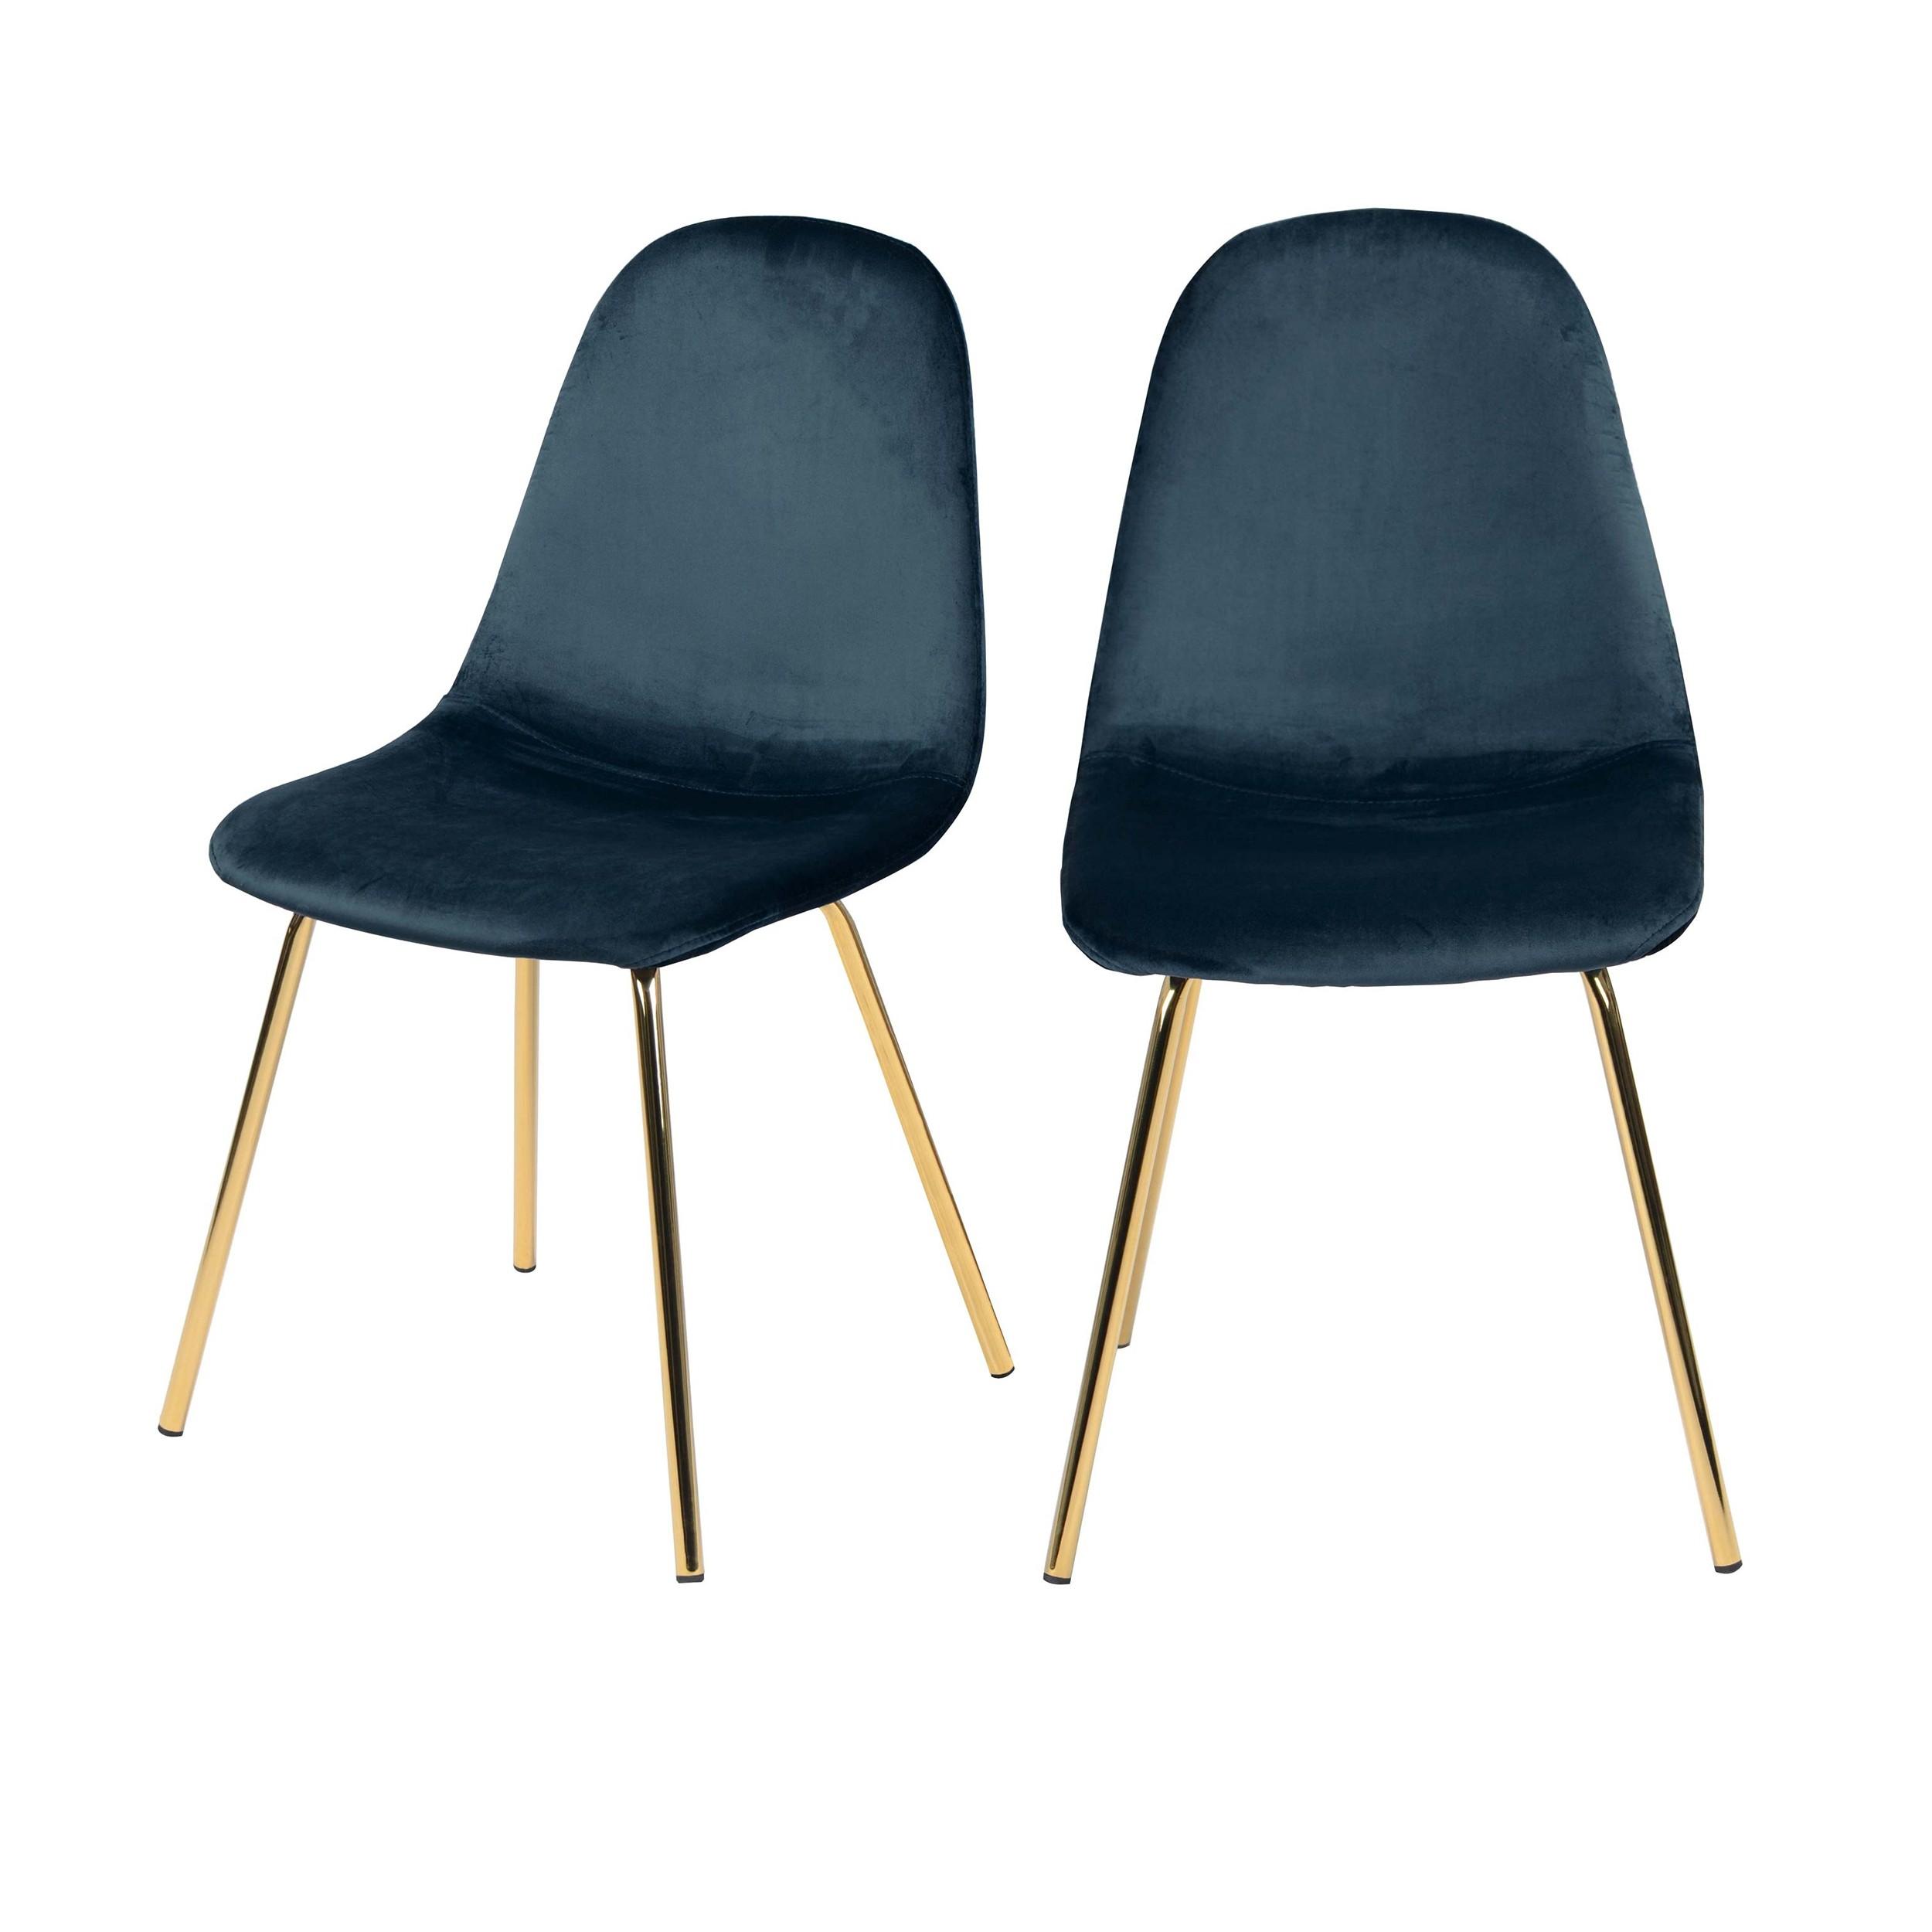 acheter chaise bleu velours pieds dores lot de 2